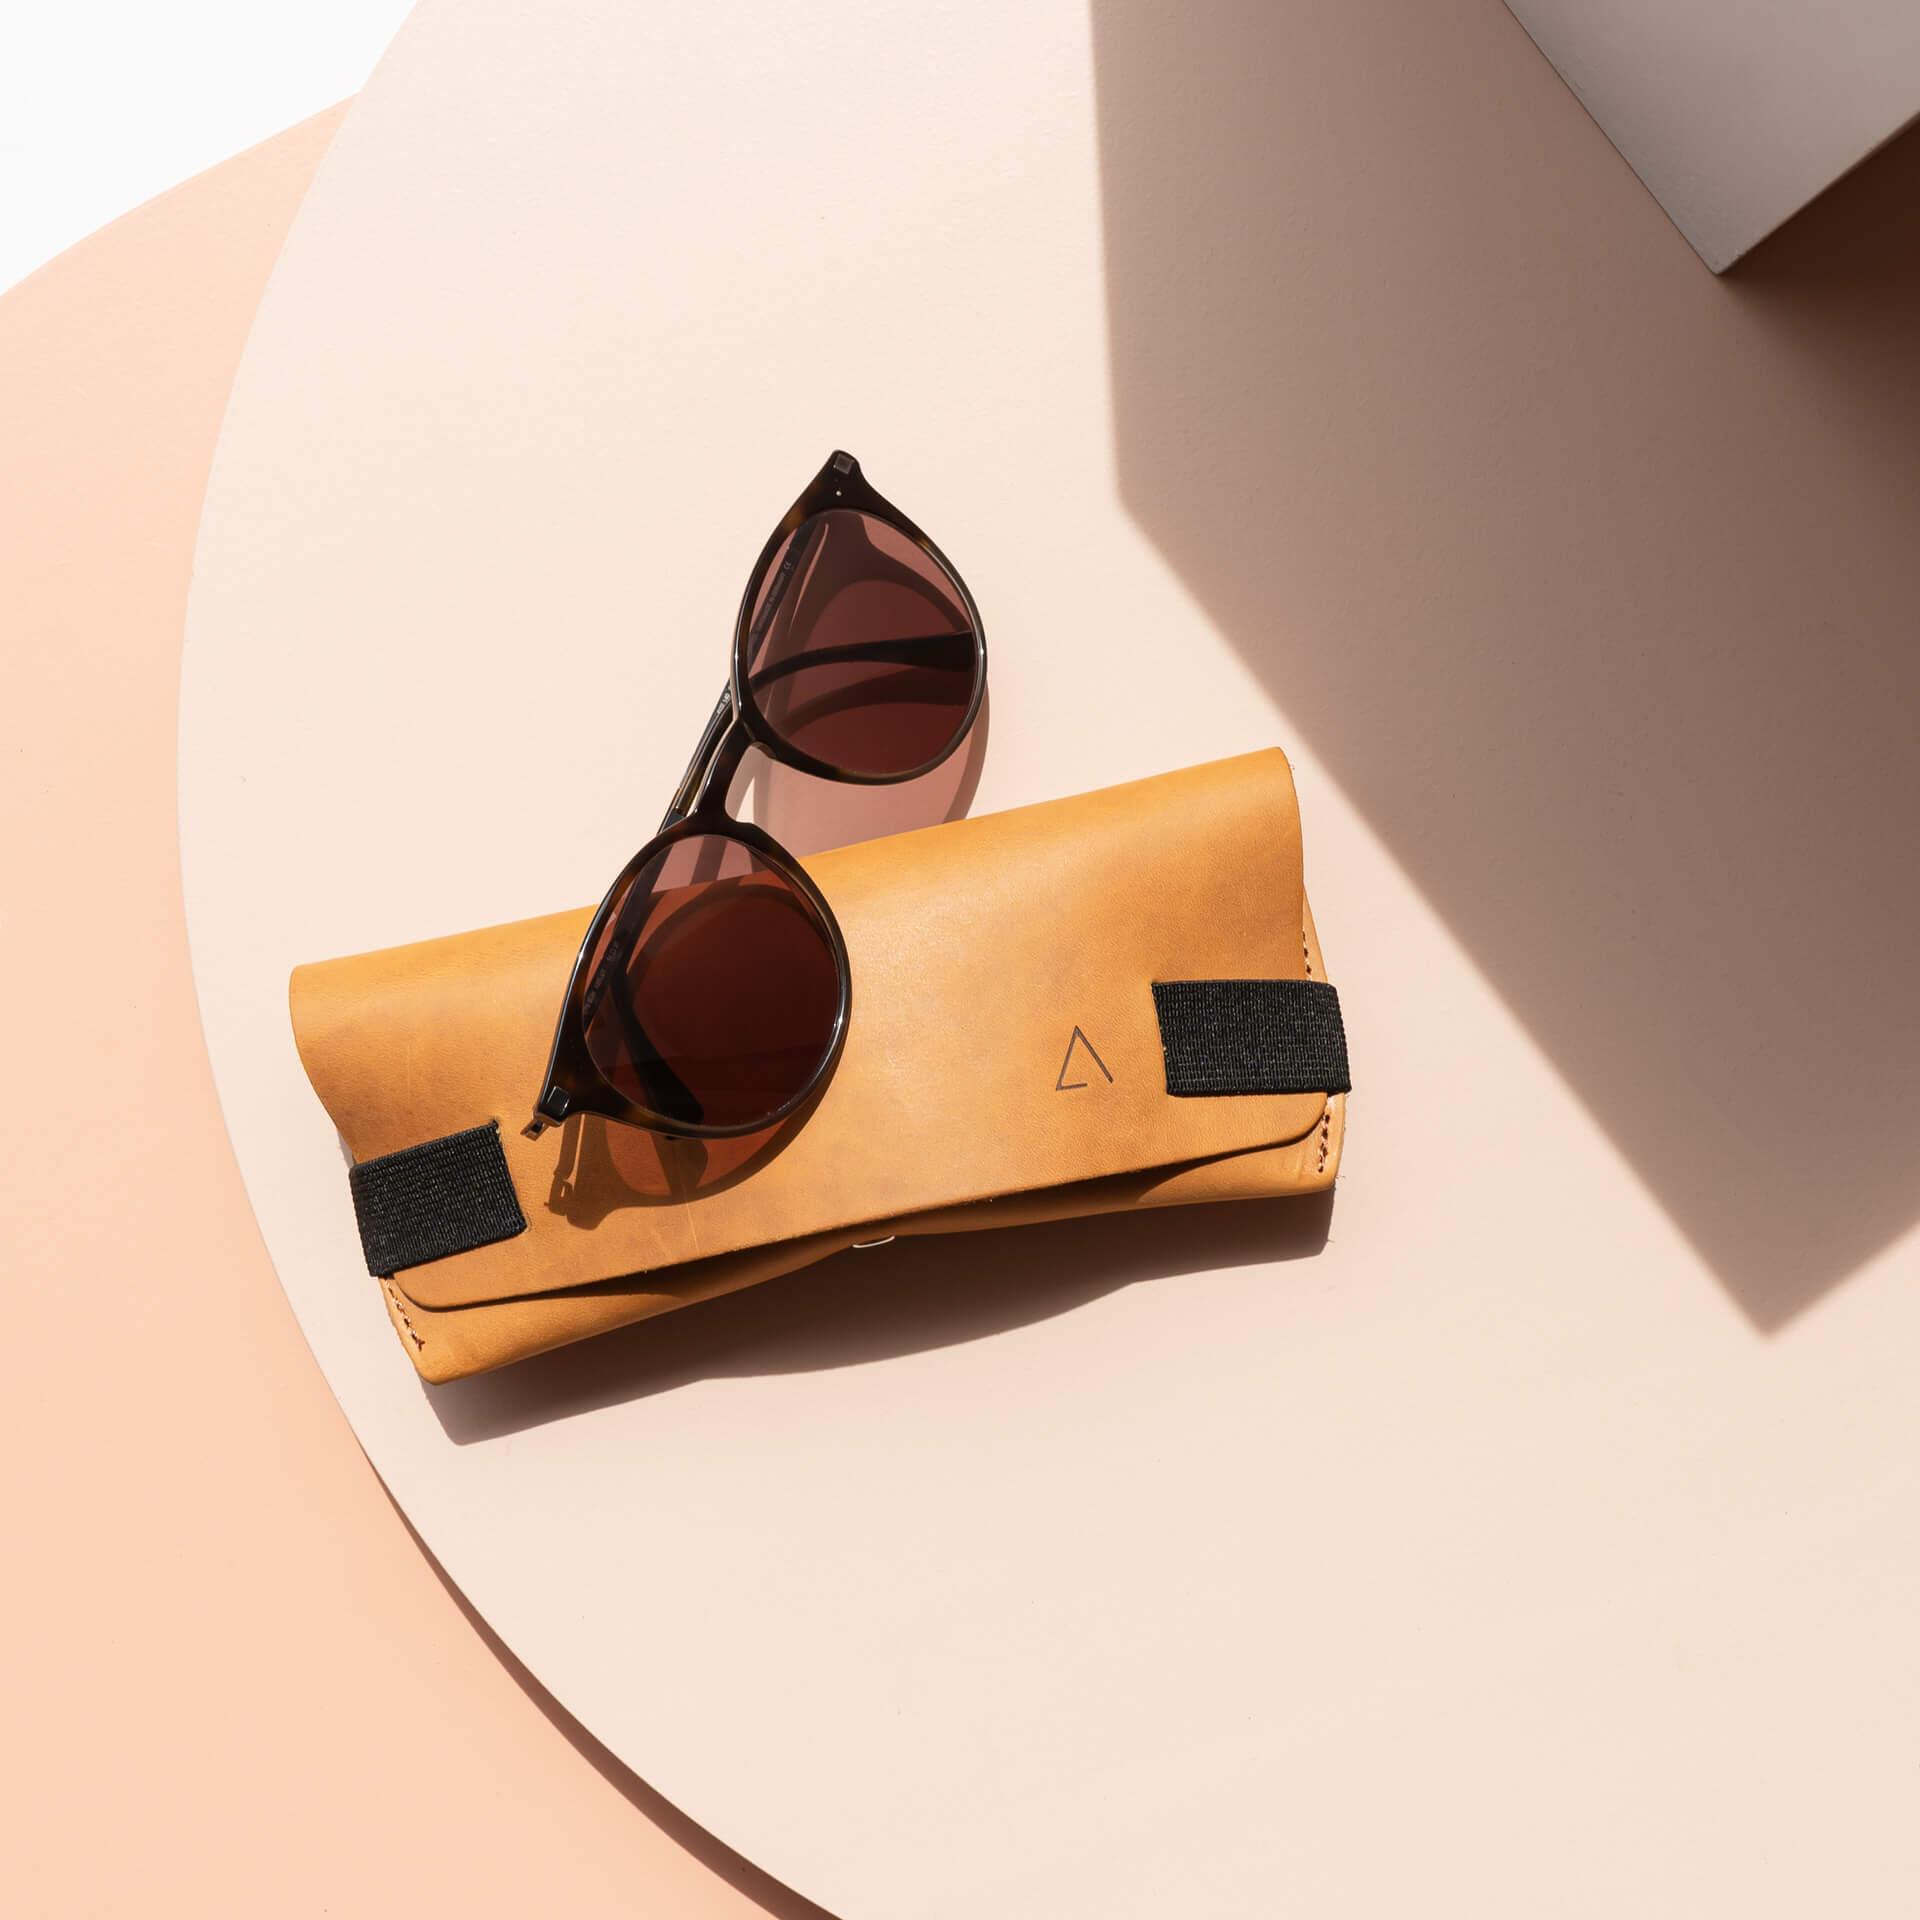 Brillenetui LUK aus nachhaltigem Naturleder in Cognac mit schwarzem Verschlussband von vorn mit Sonnenbrille